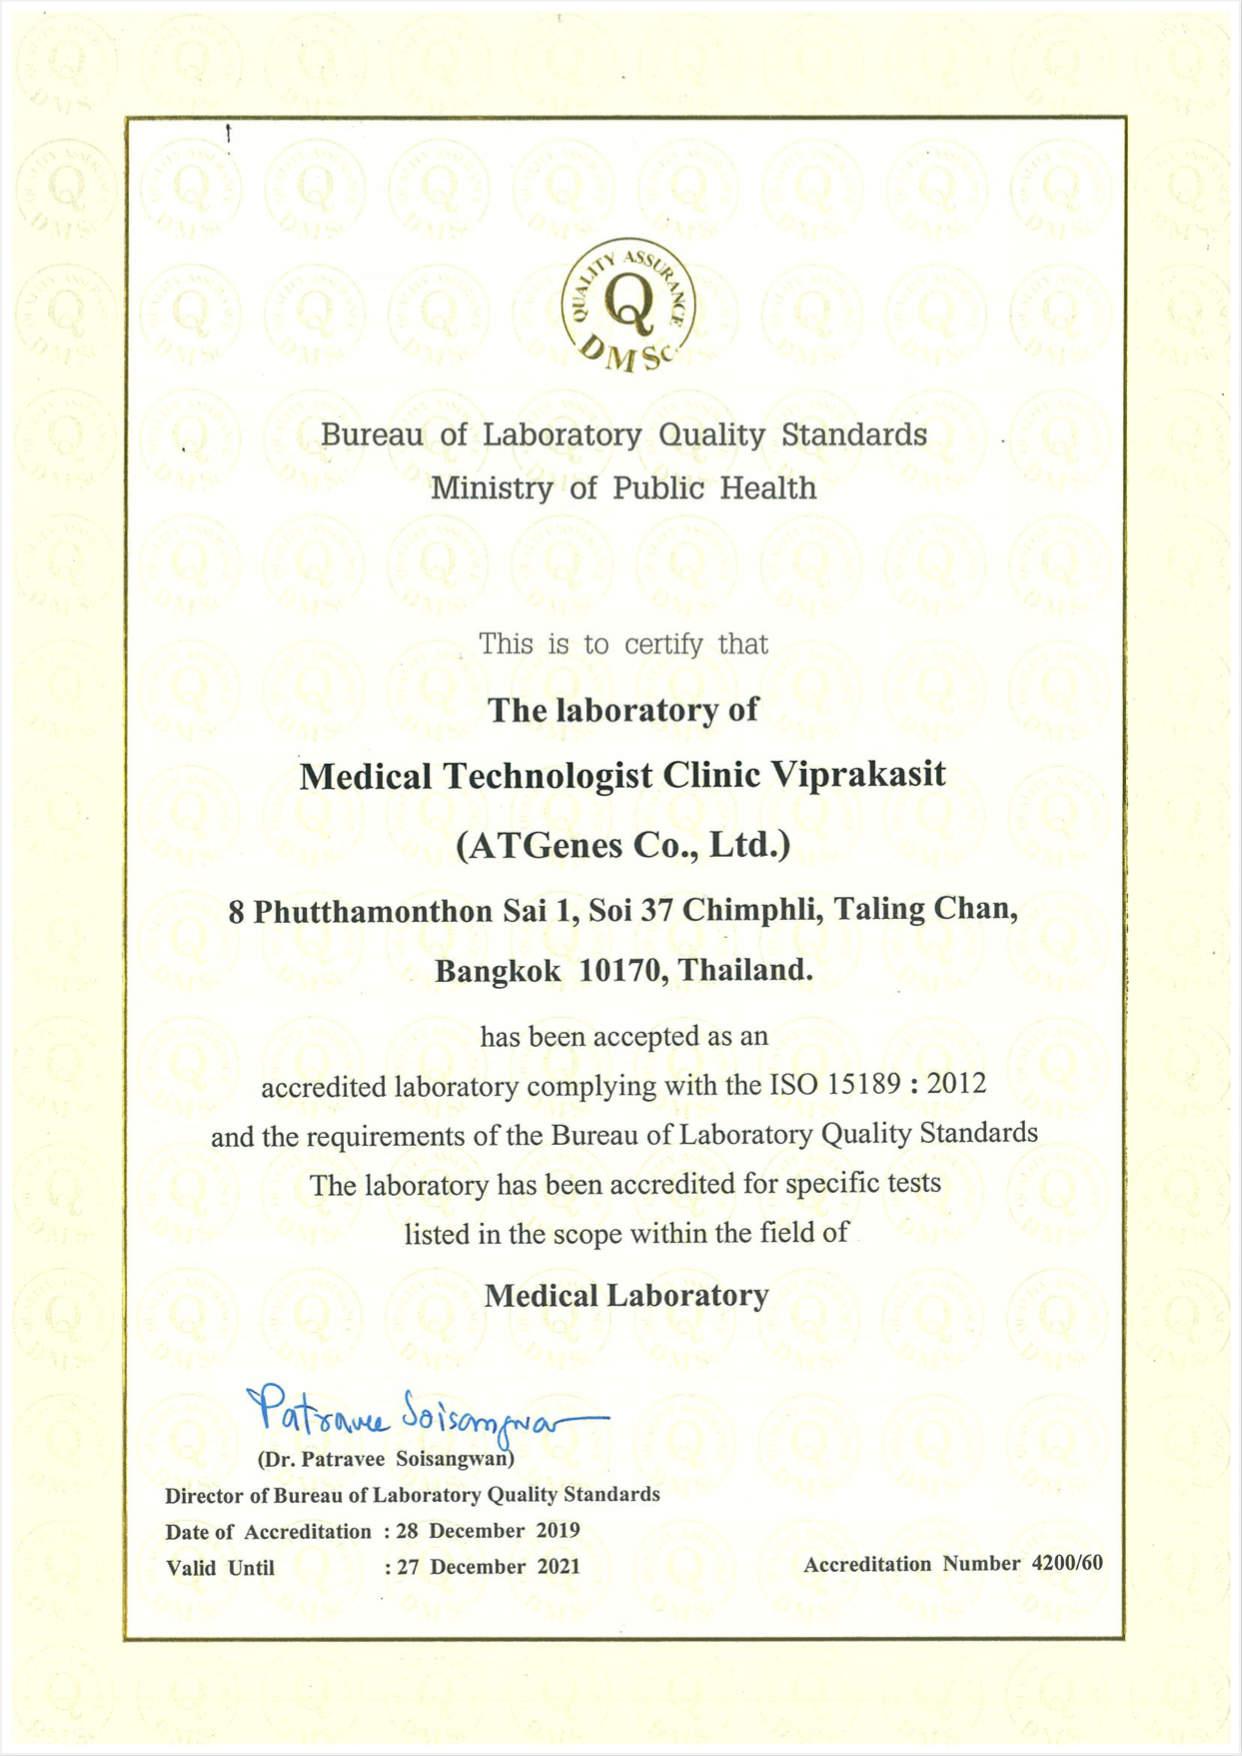 Certificate of AT-Genes